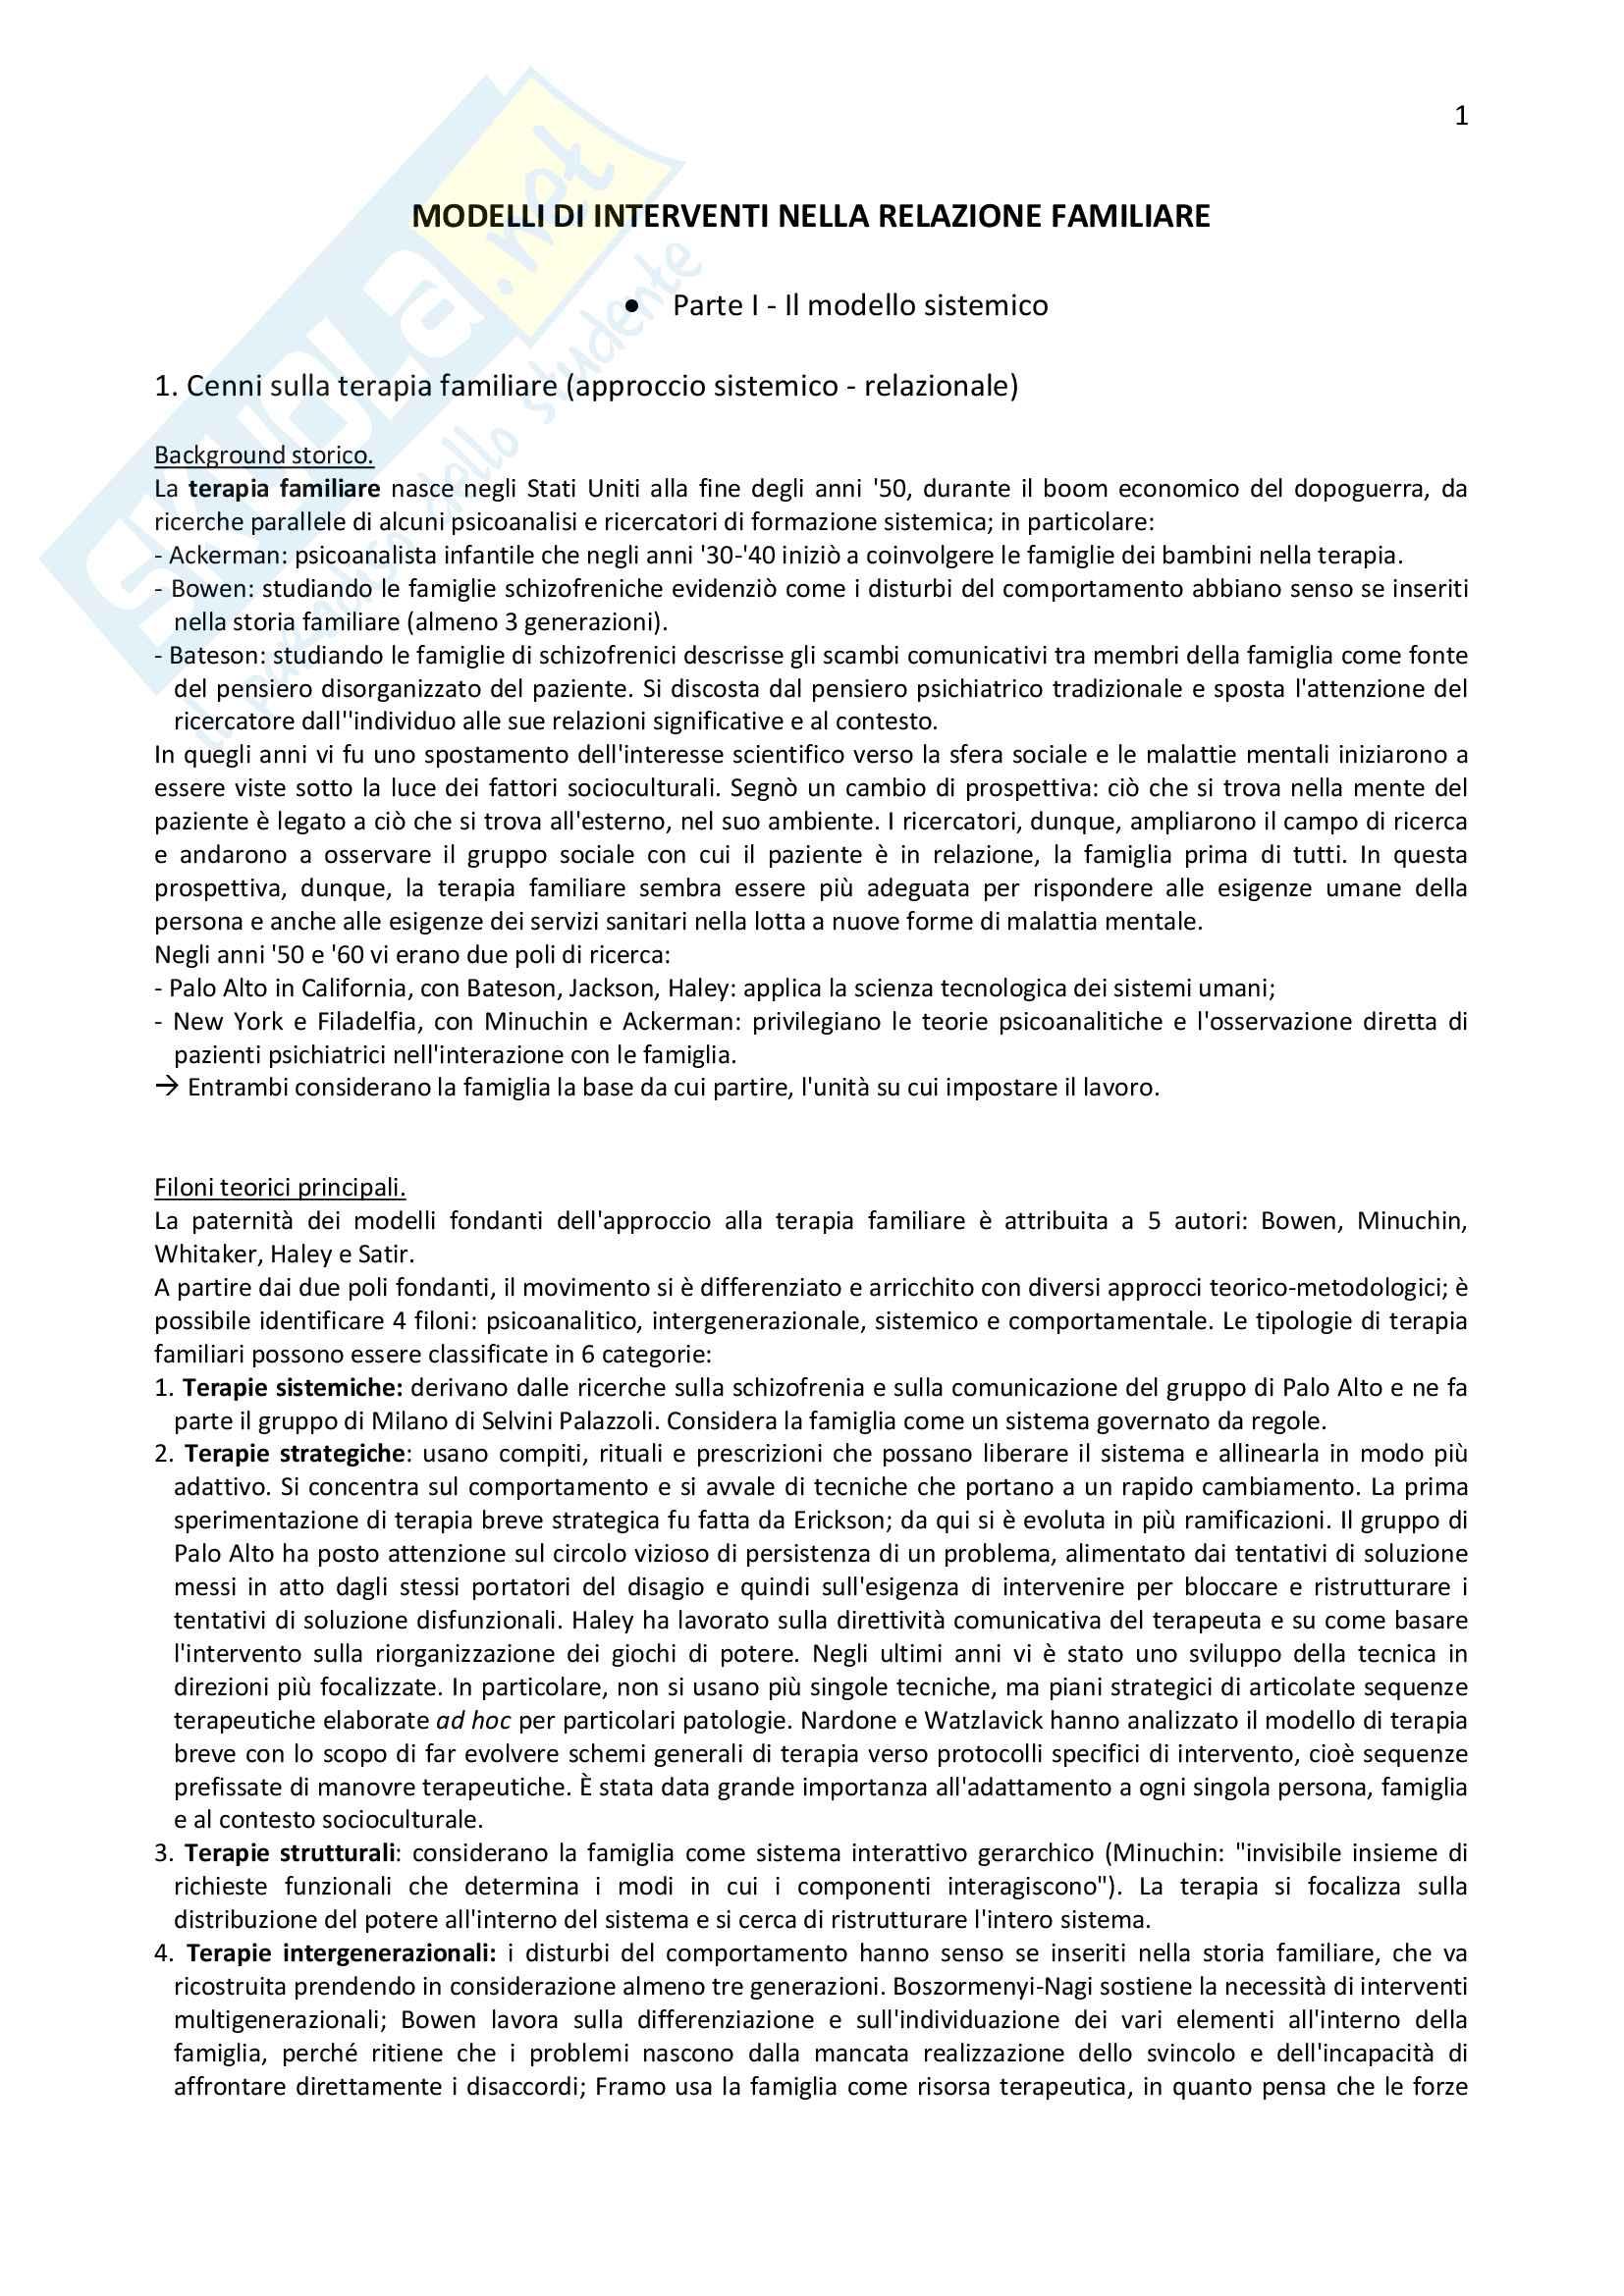 Riassunto per l'esame di Normalità e patologia delle relazioni familiari della prof.ssa Carli,  libro consigliato Modelli di intervento nella relazione familiare